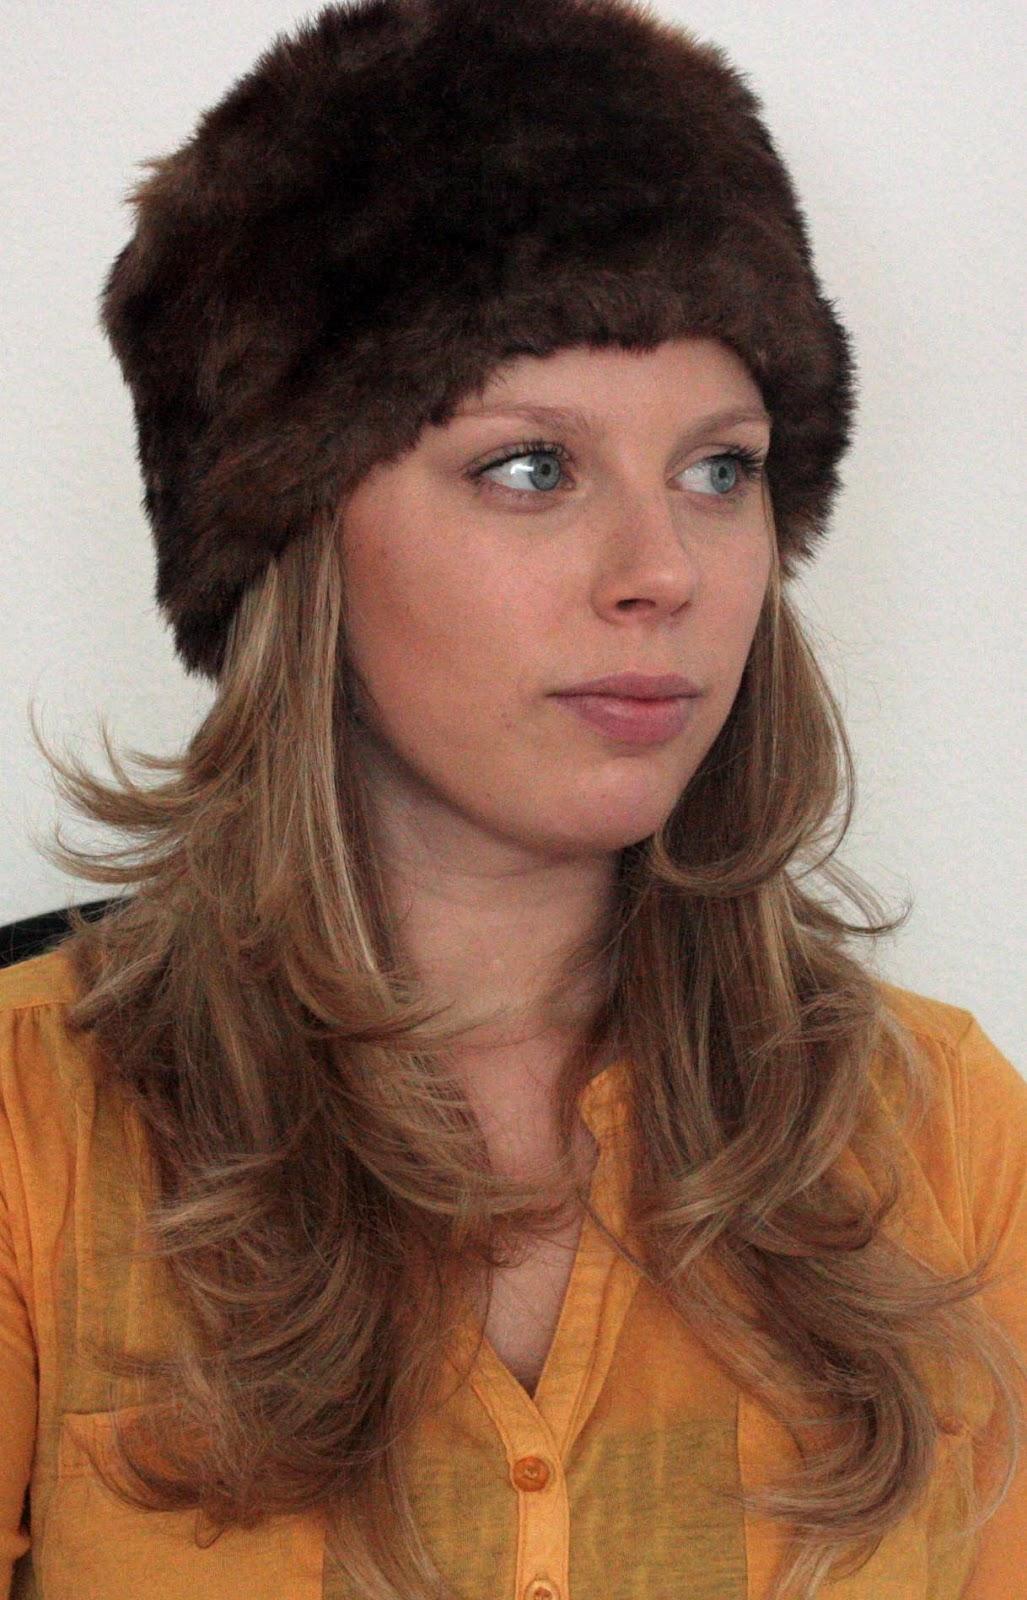 Russian Cossack Hats – Tag Hats 6a04beb92c9